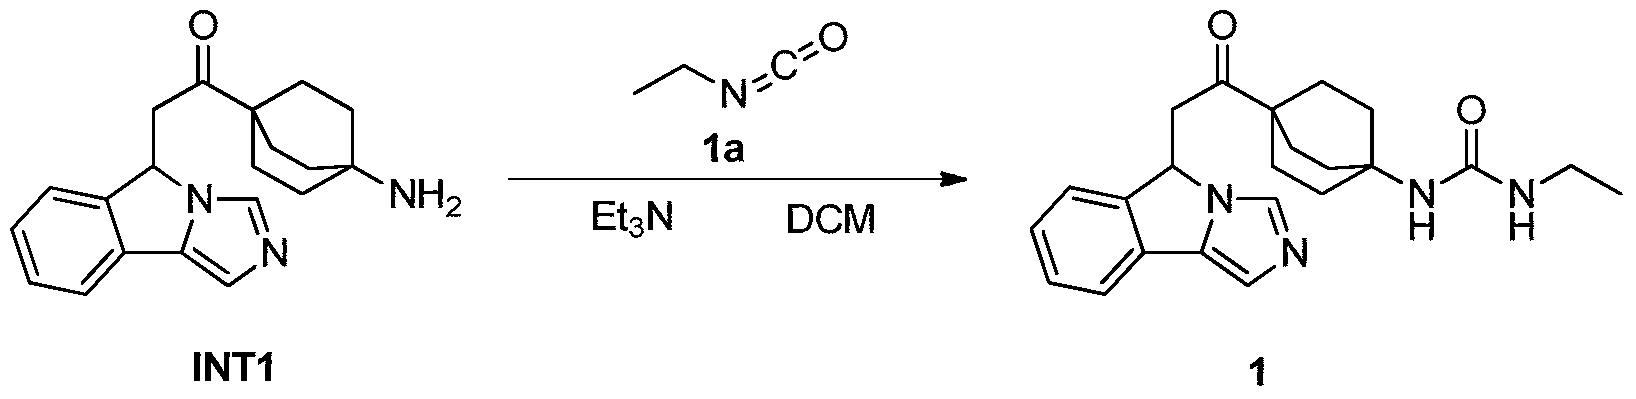 Figure PCTCN2017084604-appb-000247